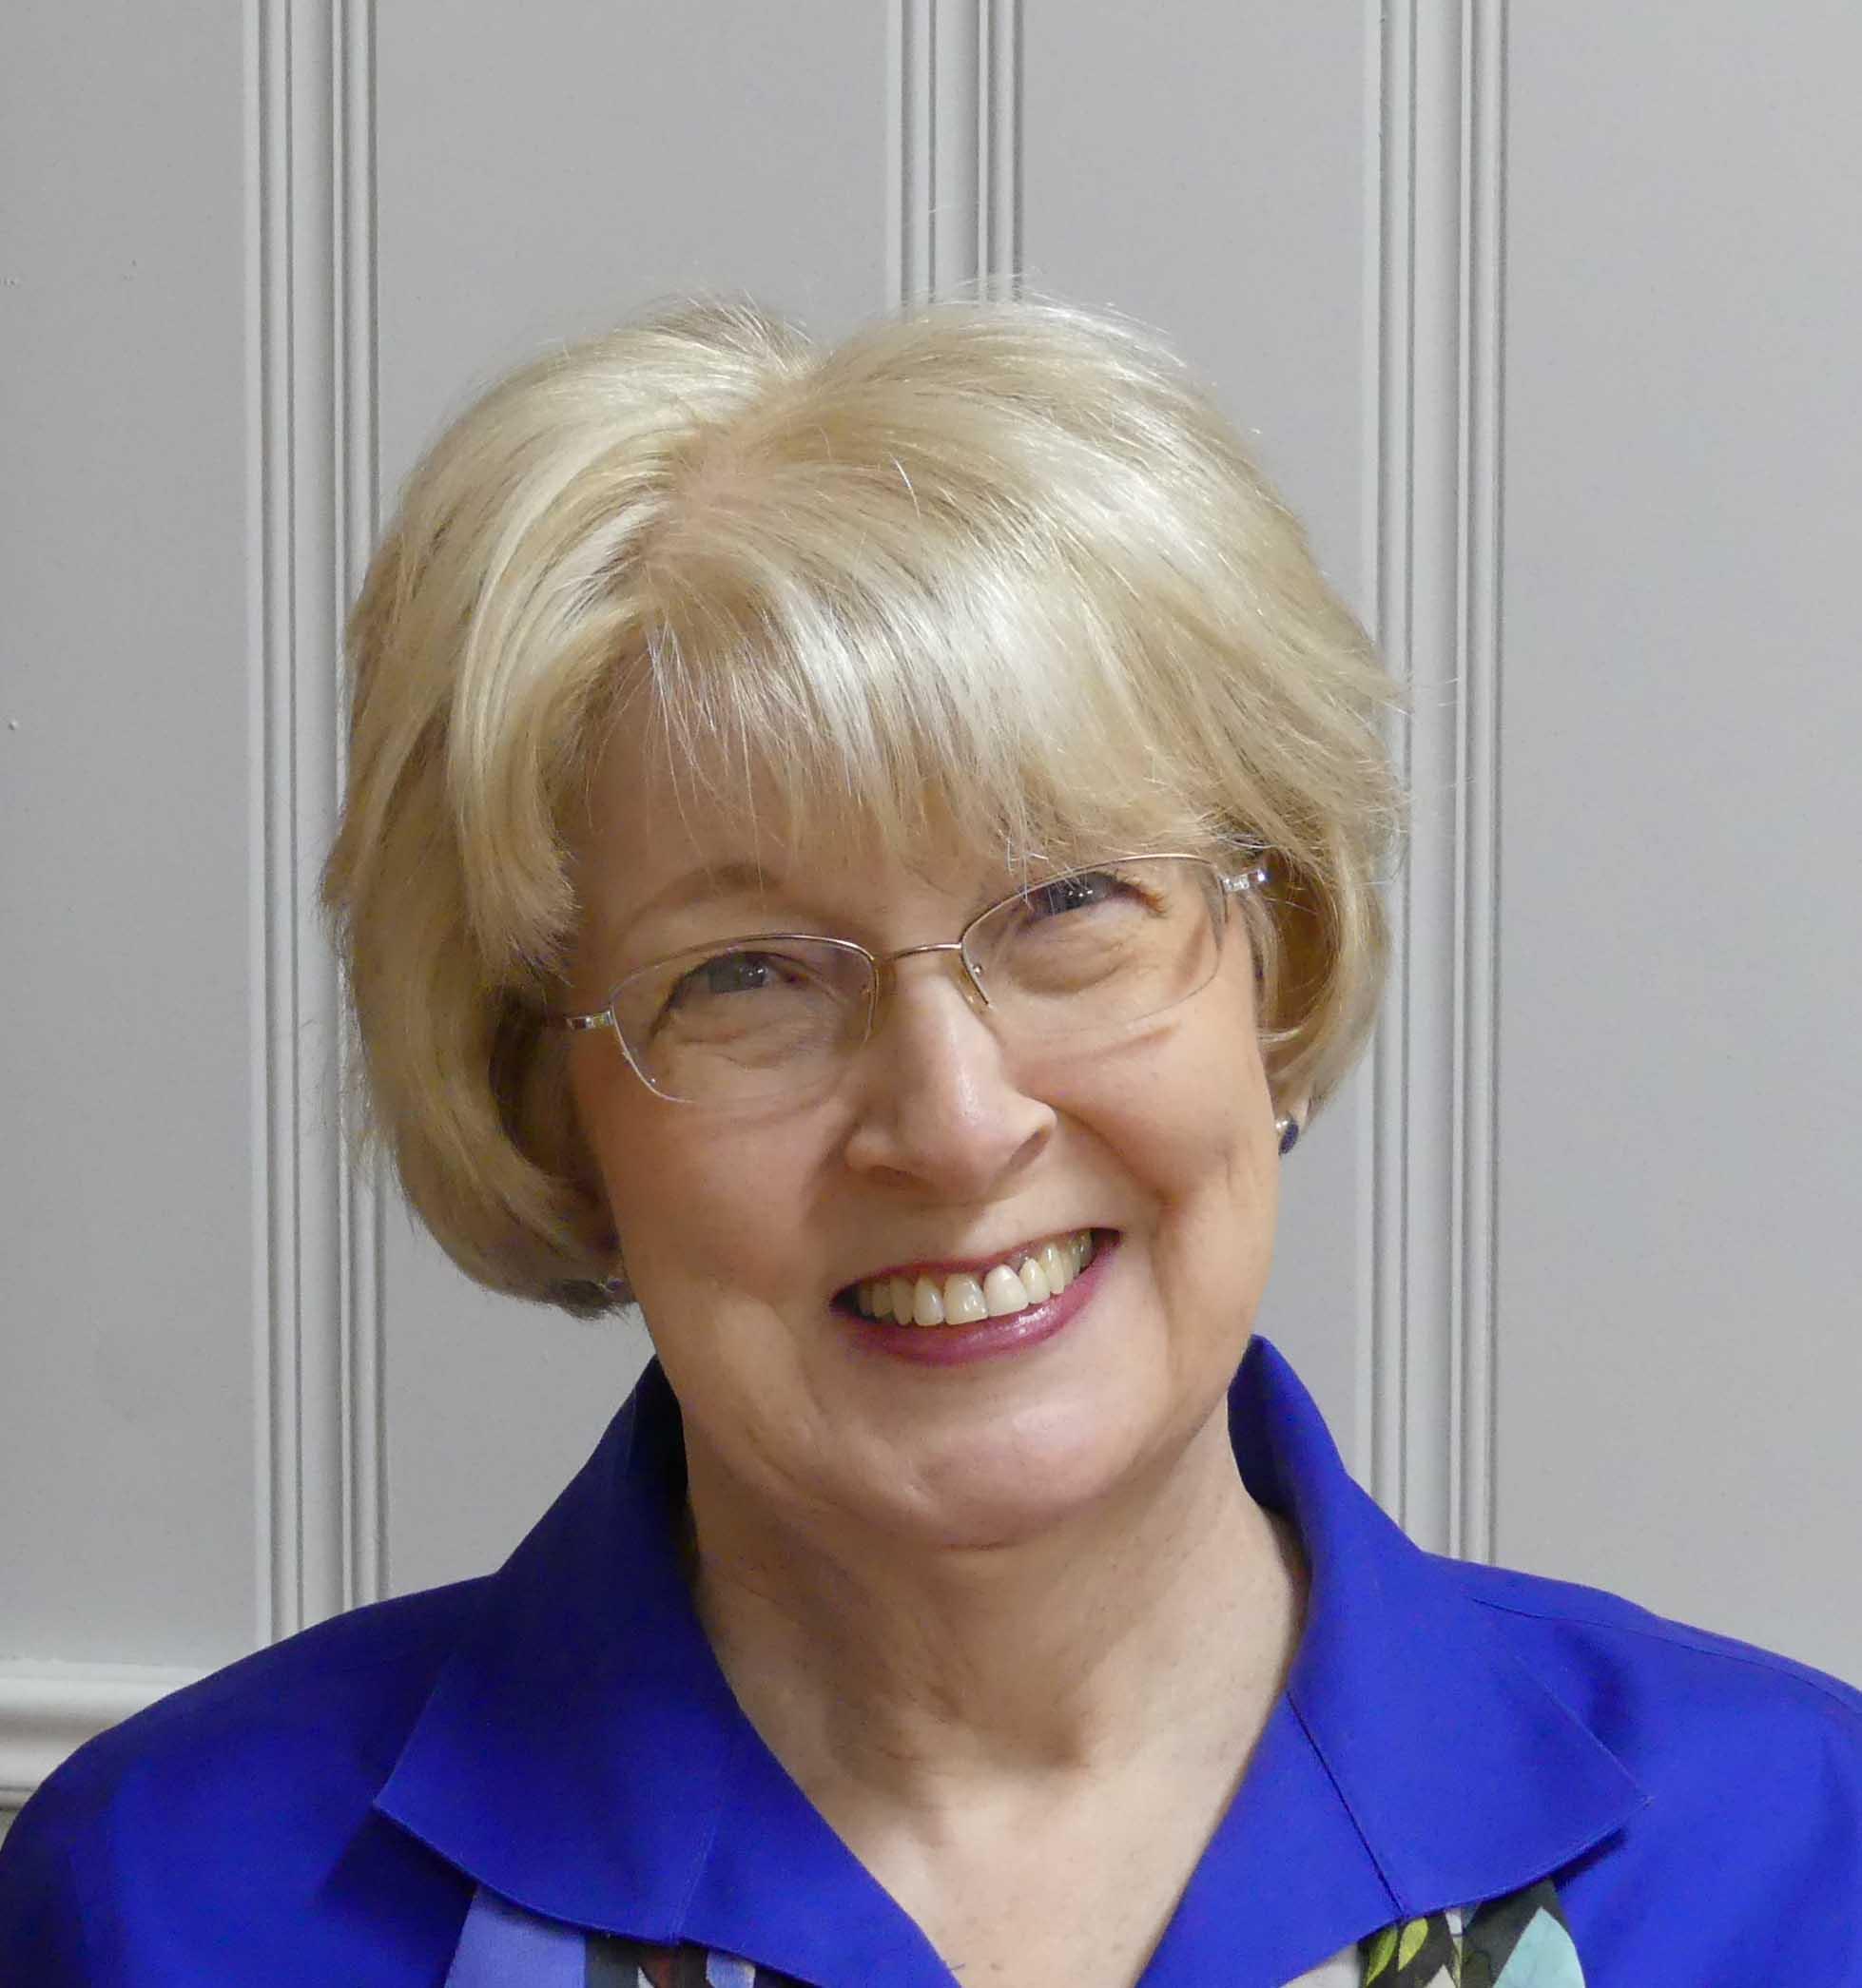 Gail at book signing